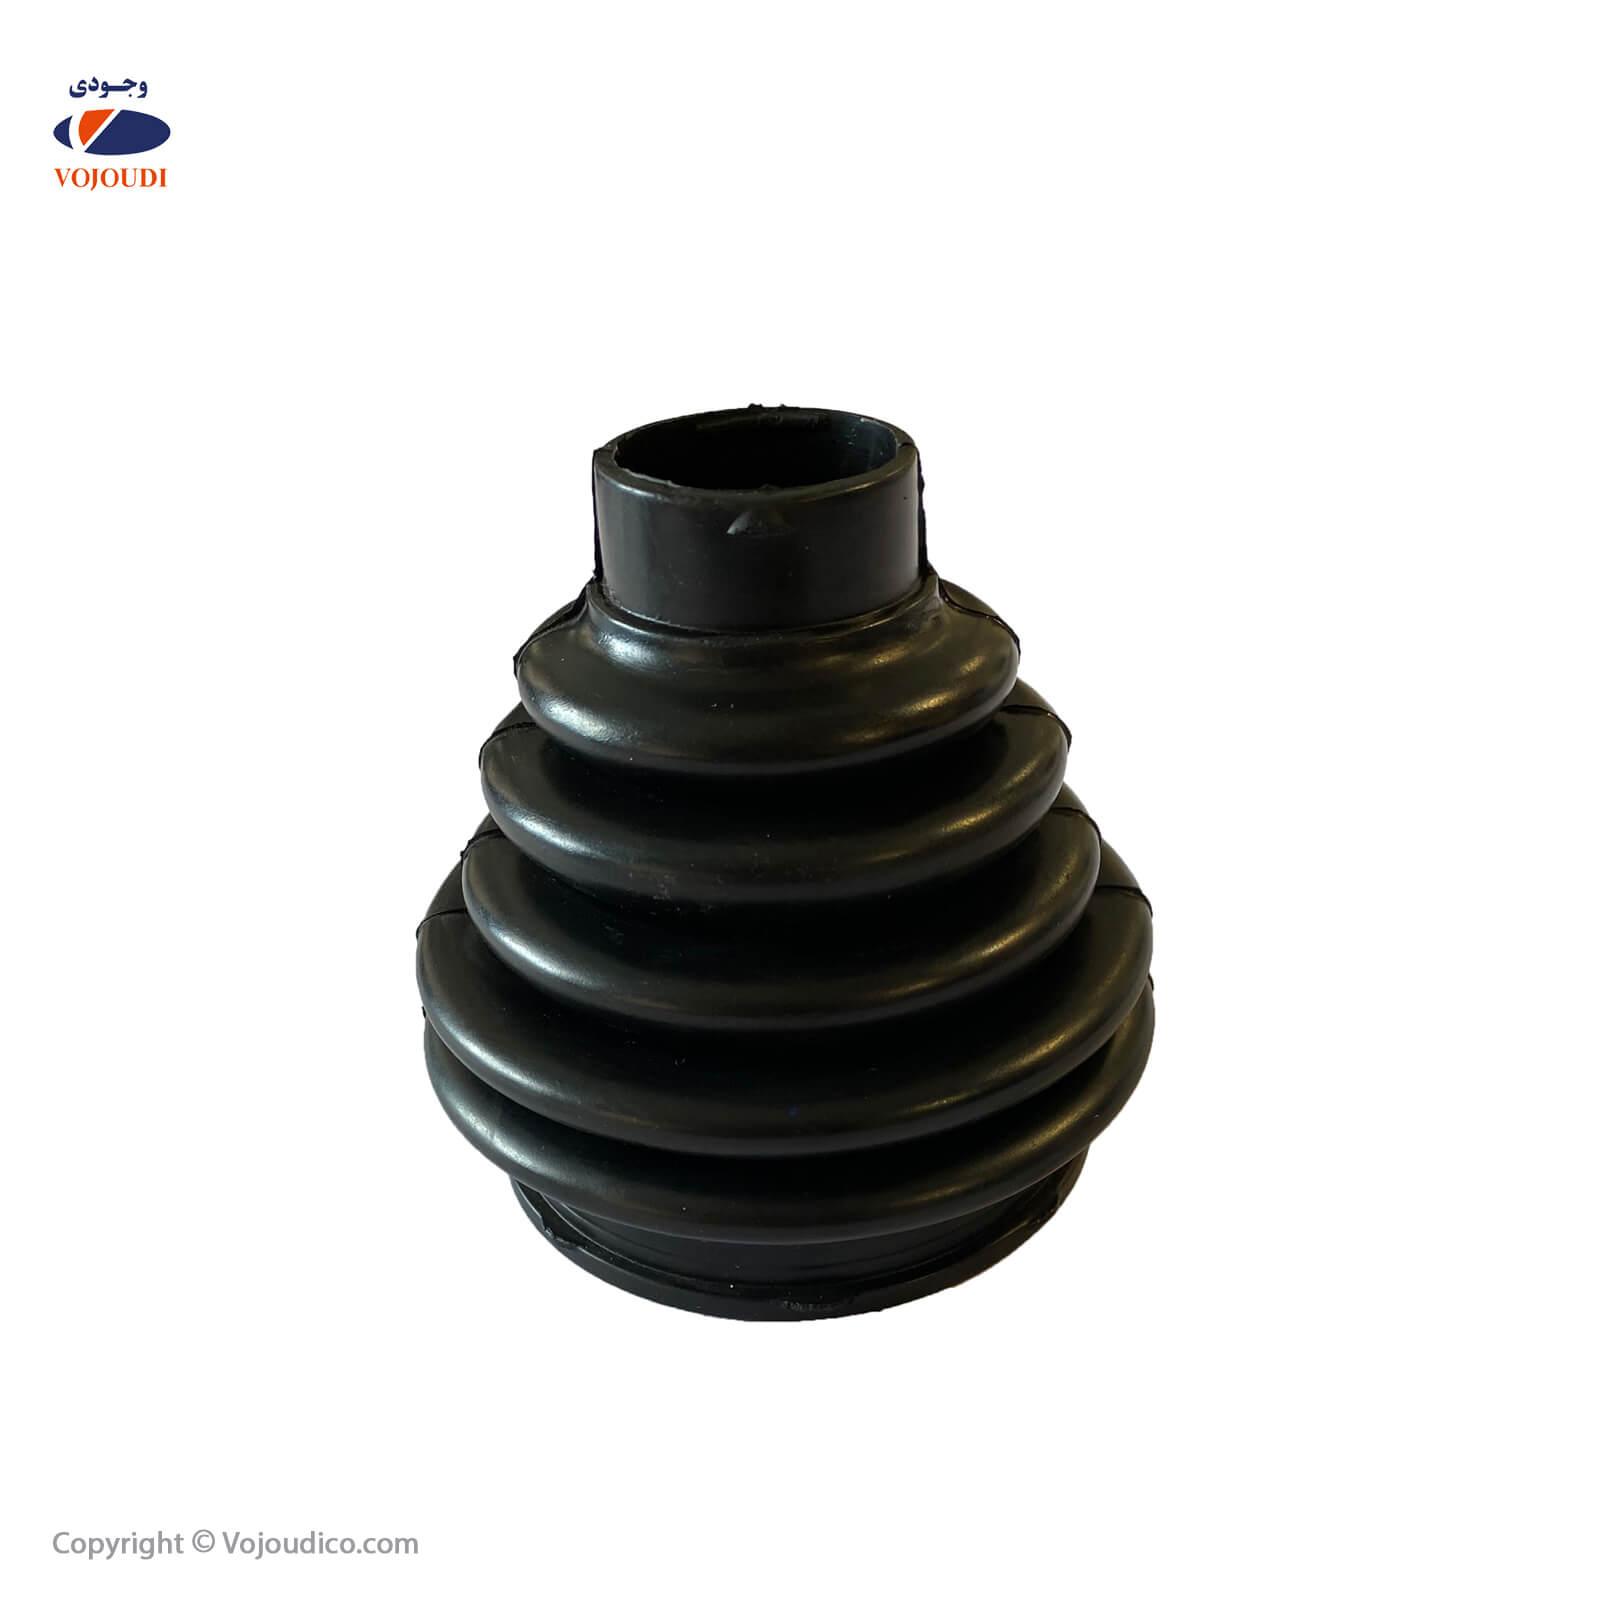 3951 1 - گردگیر پلوس وجودی کد 3951 مناسب برای زانتیا